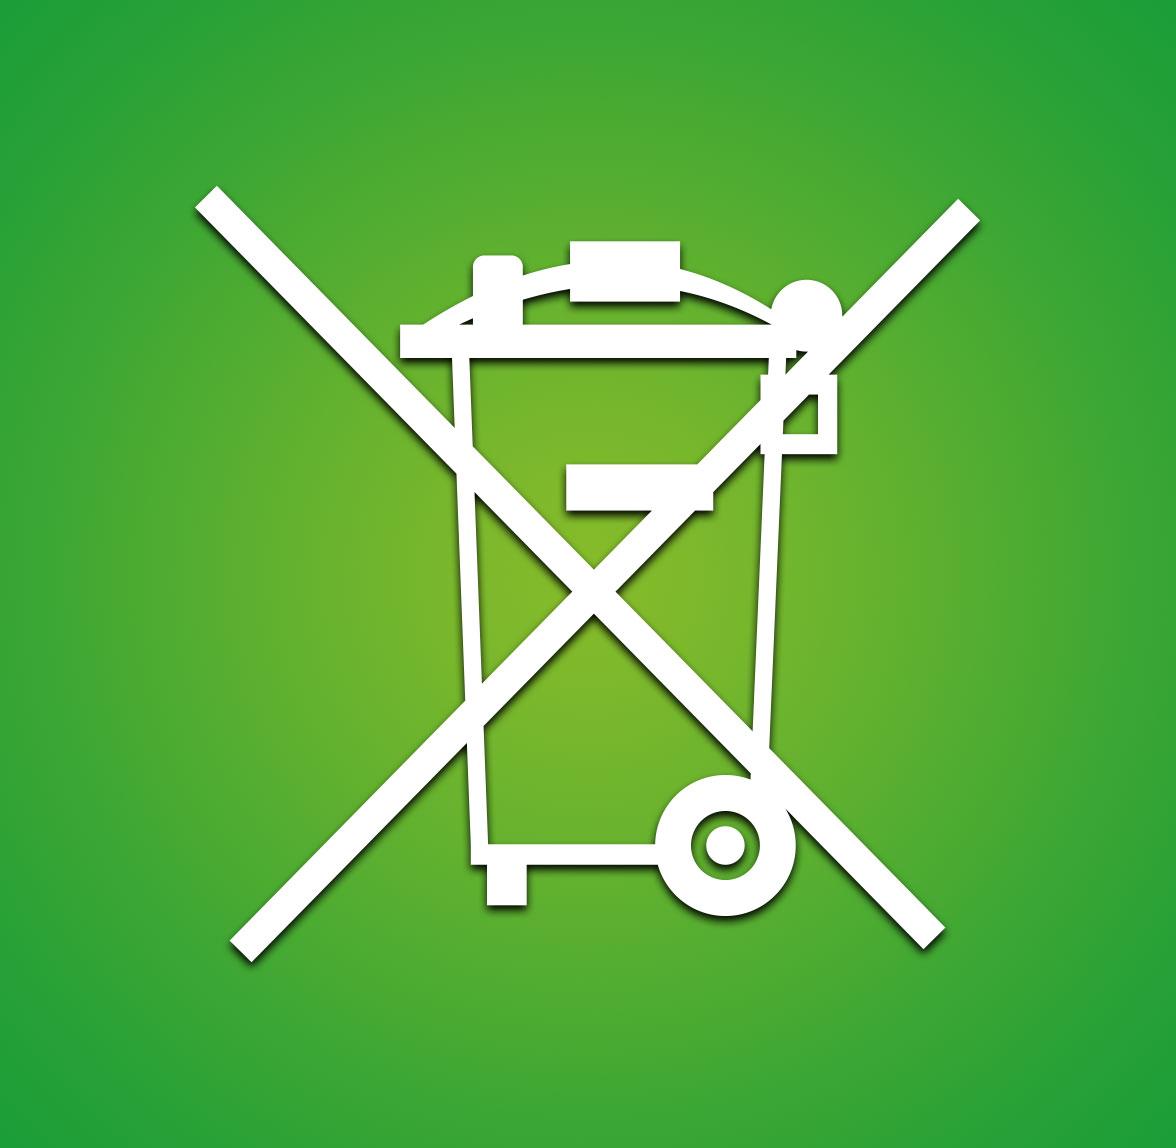 Reciclaje contenedor electrónico símbolo